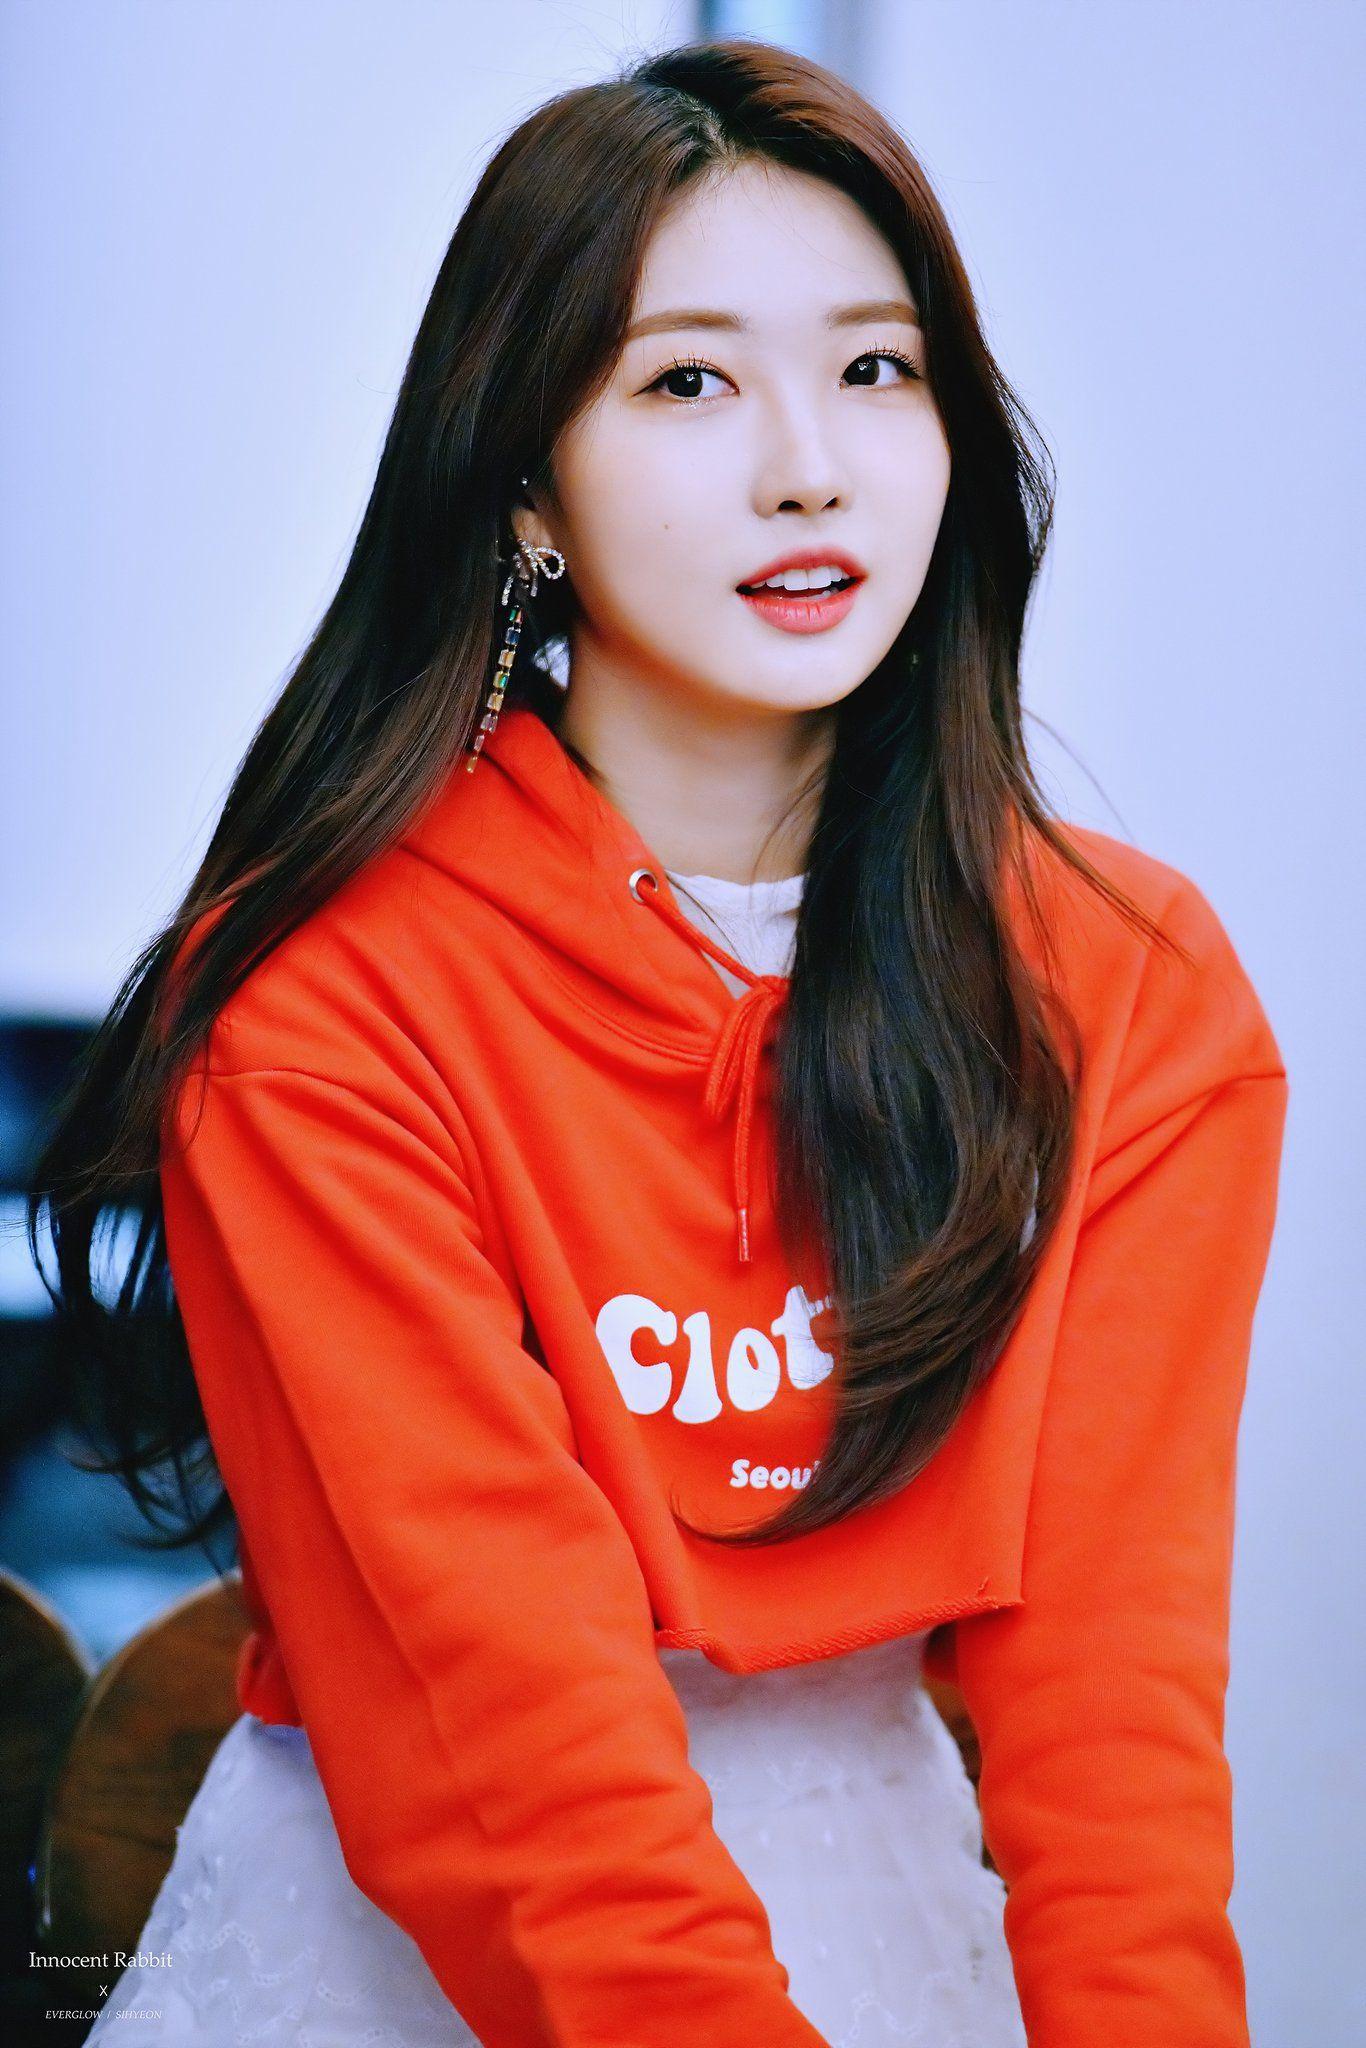 Innocent Rabbit On Twitter Kpop Girls Kpop Girl Groups Ulzzang Girl